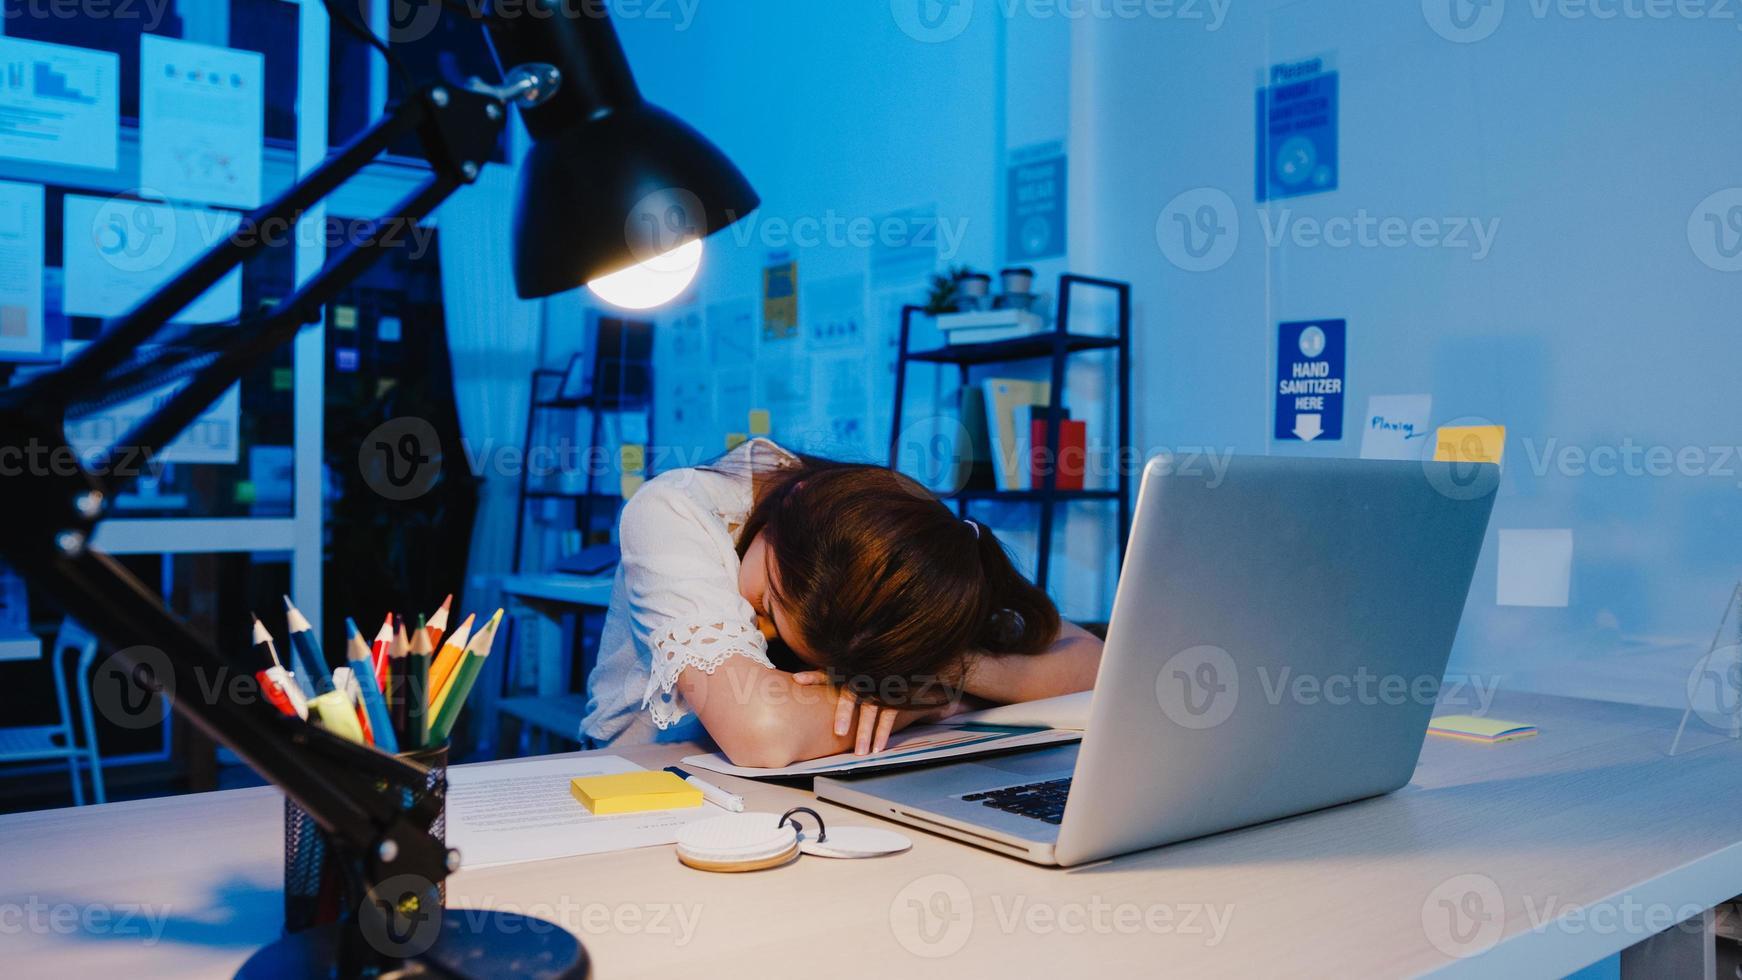 frilans asien utmattad dam hårt arbete sover på nya vanliga hemmakontor. arbeta från huset överbelastning på natten, på distans, självisolering, social distansering, karantän för förebyggande av corona -virus. foto